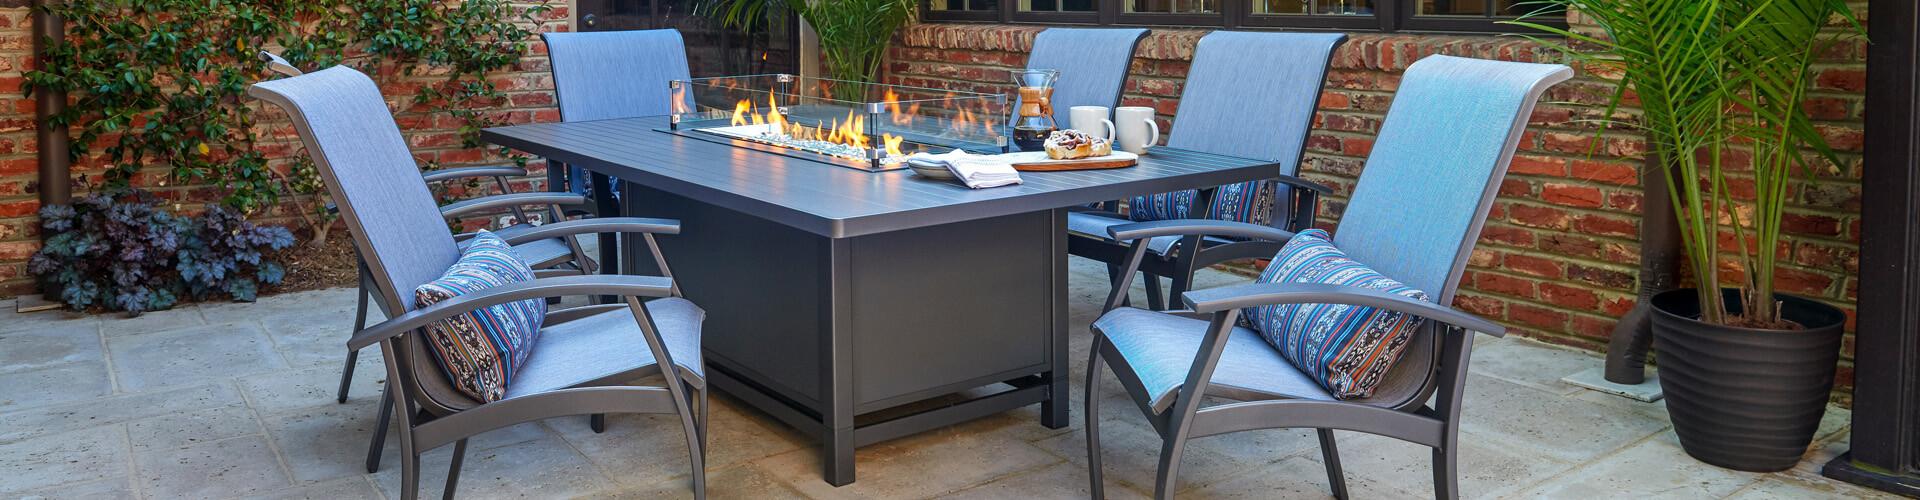 Outdoor Patio Furniture Albany Ny Aluminum Amp Wicker